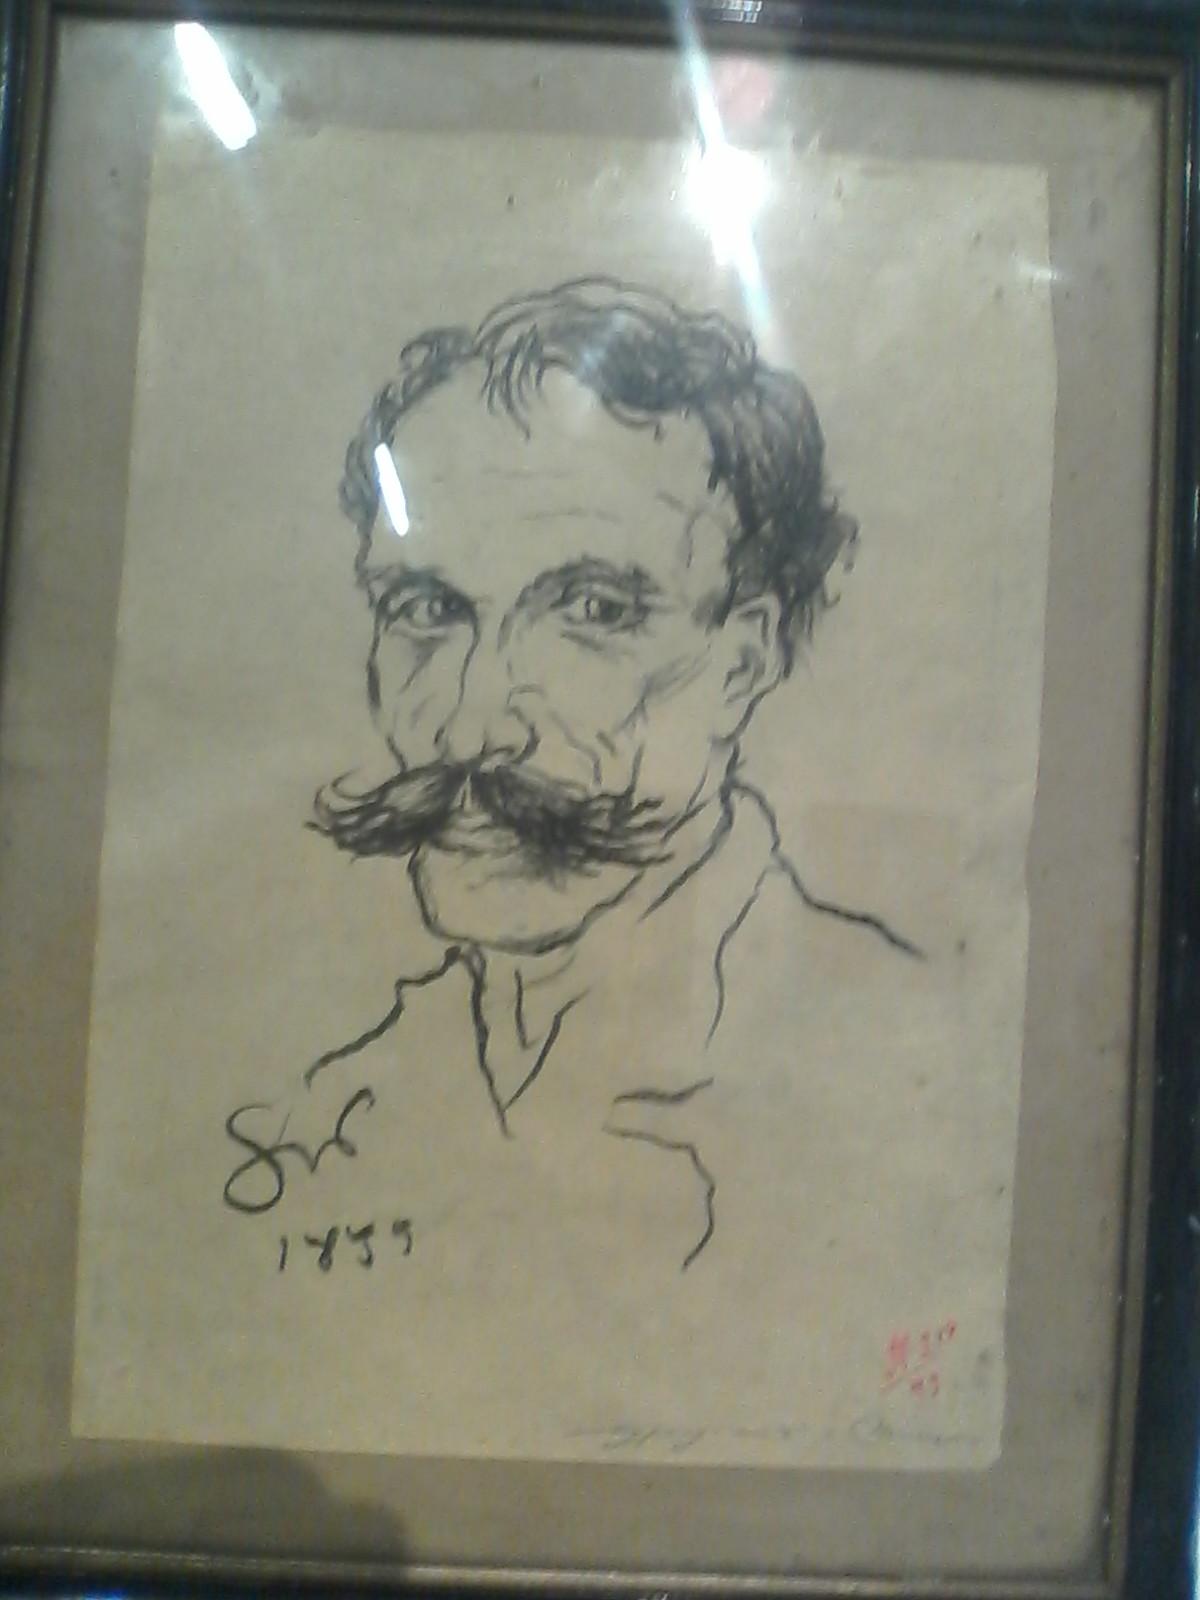 Robert Kuśmirowski, falsyfikat rysunku Stanisława Wyspiańskiego. Portret Franciszka Maluśka